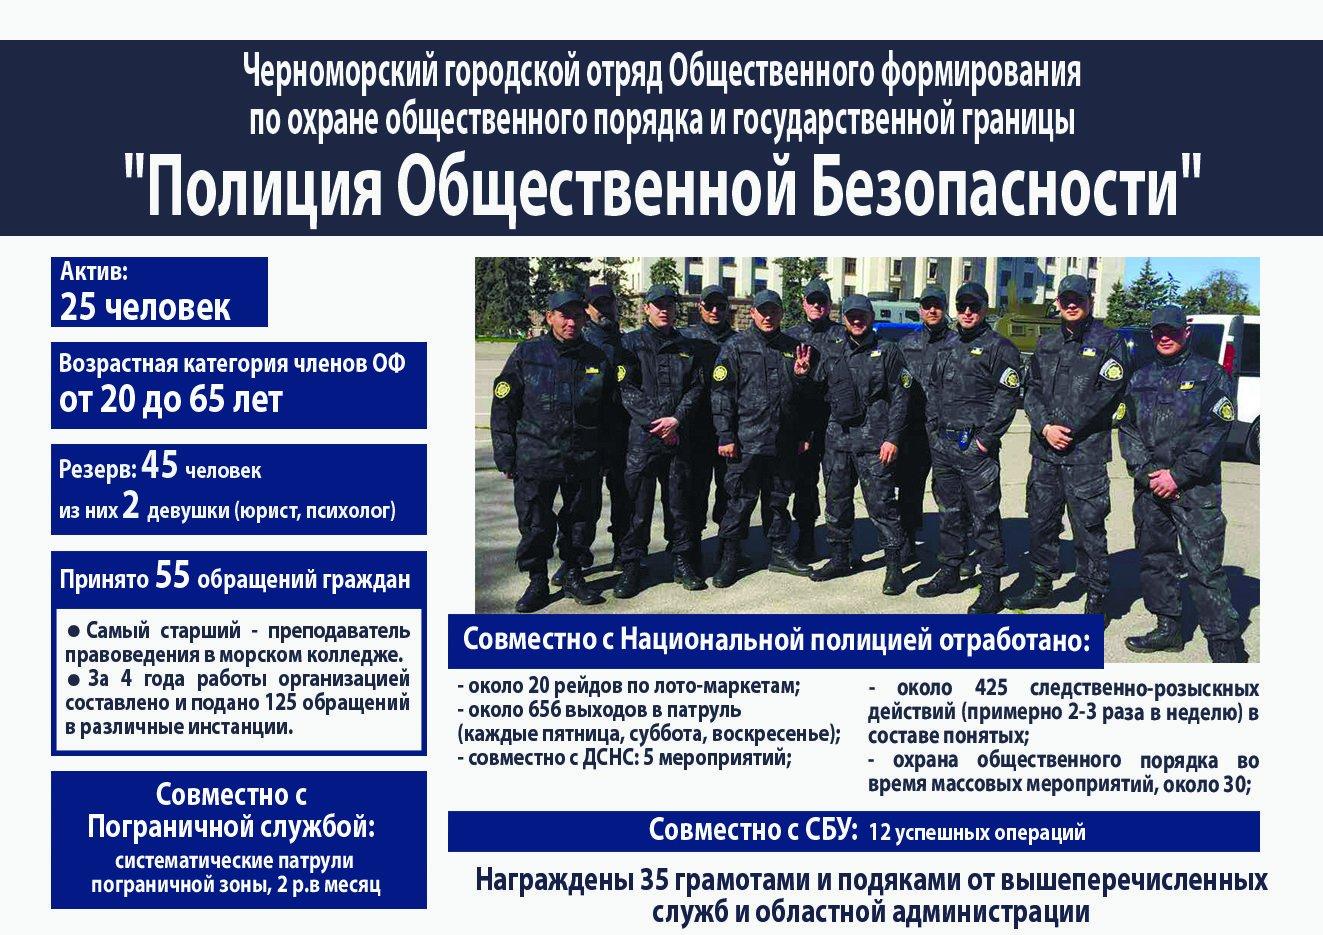 Как полиция и общественность Черноморска вместе делают свой город безопаснее, фото-3